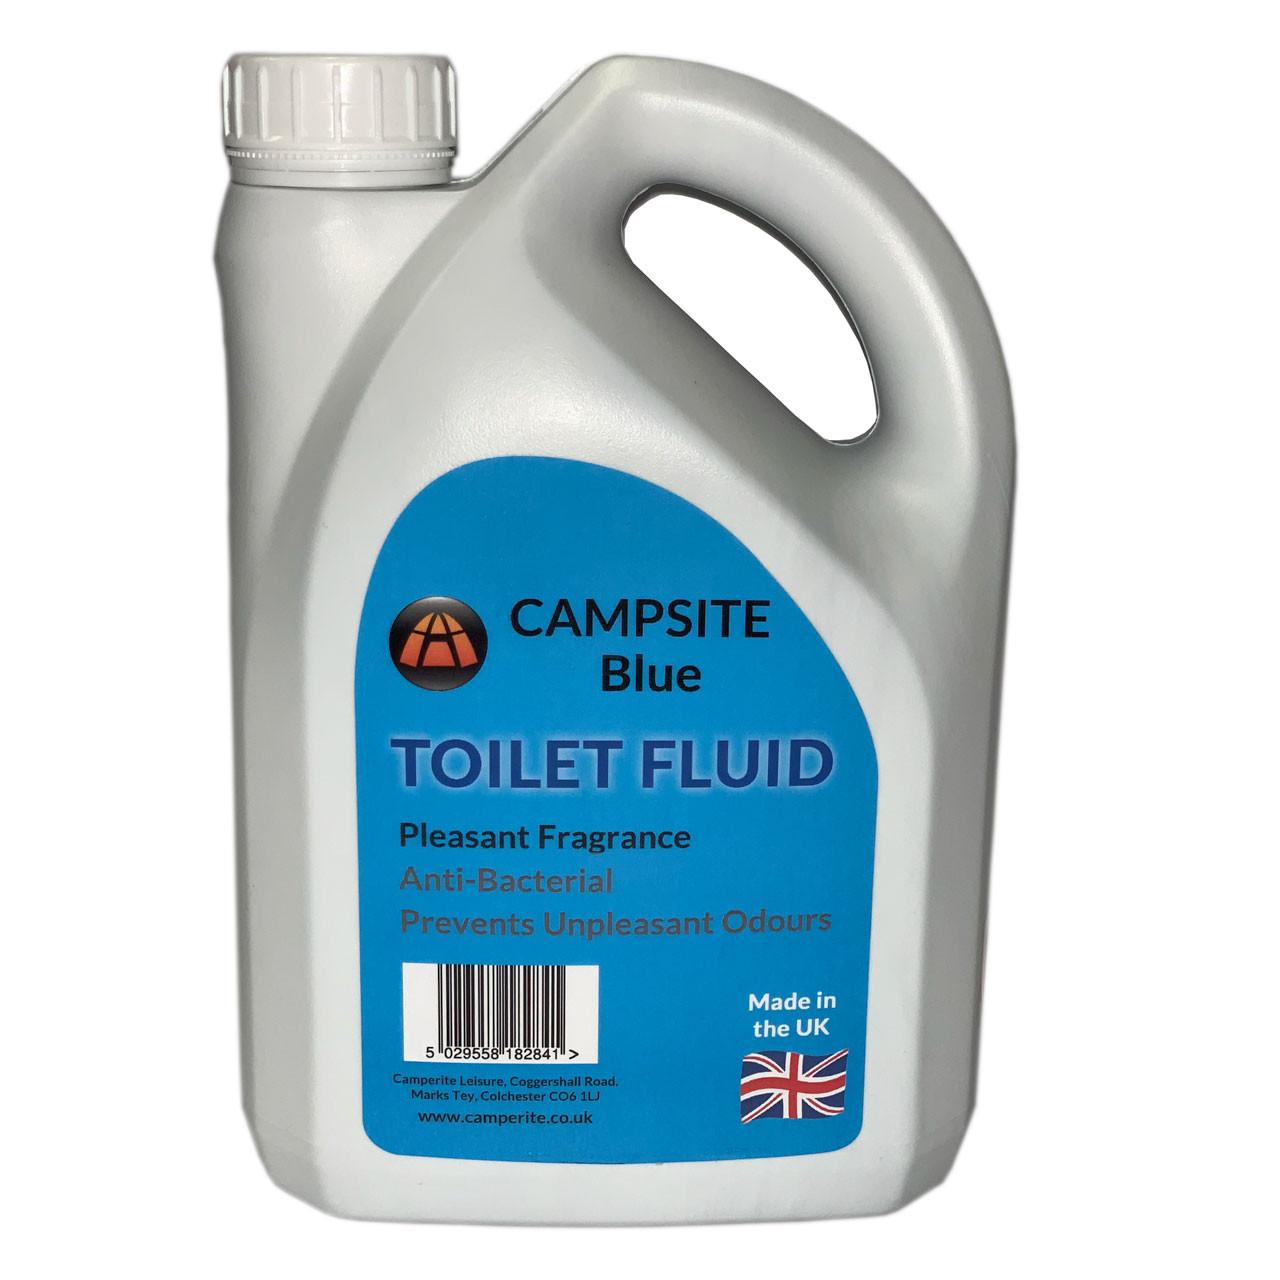 Campsite Blue Toilet Fluid 4 litre